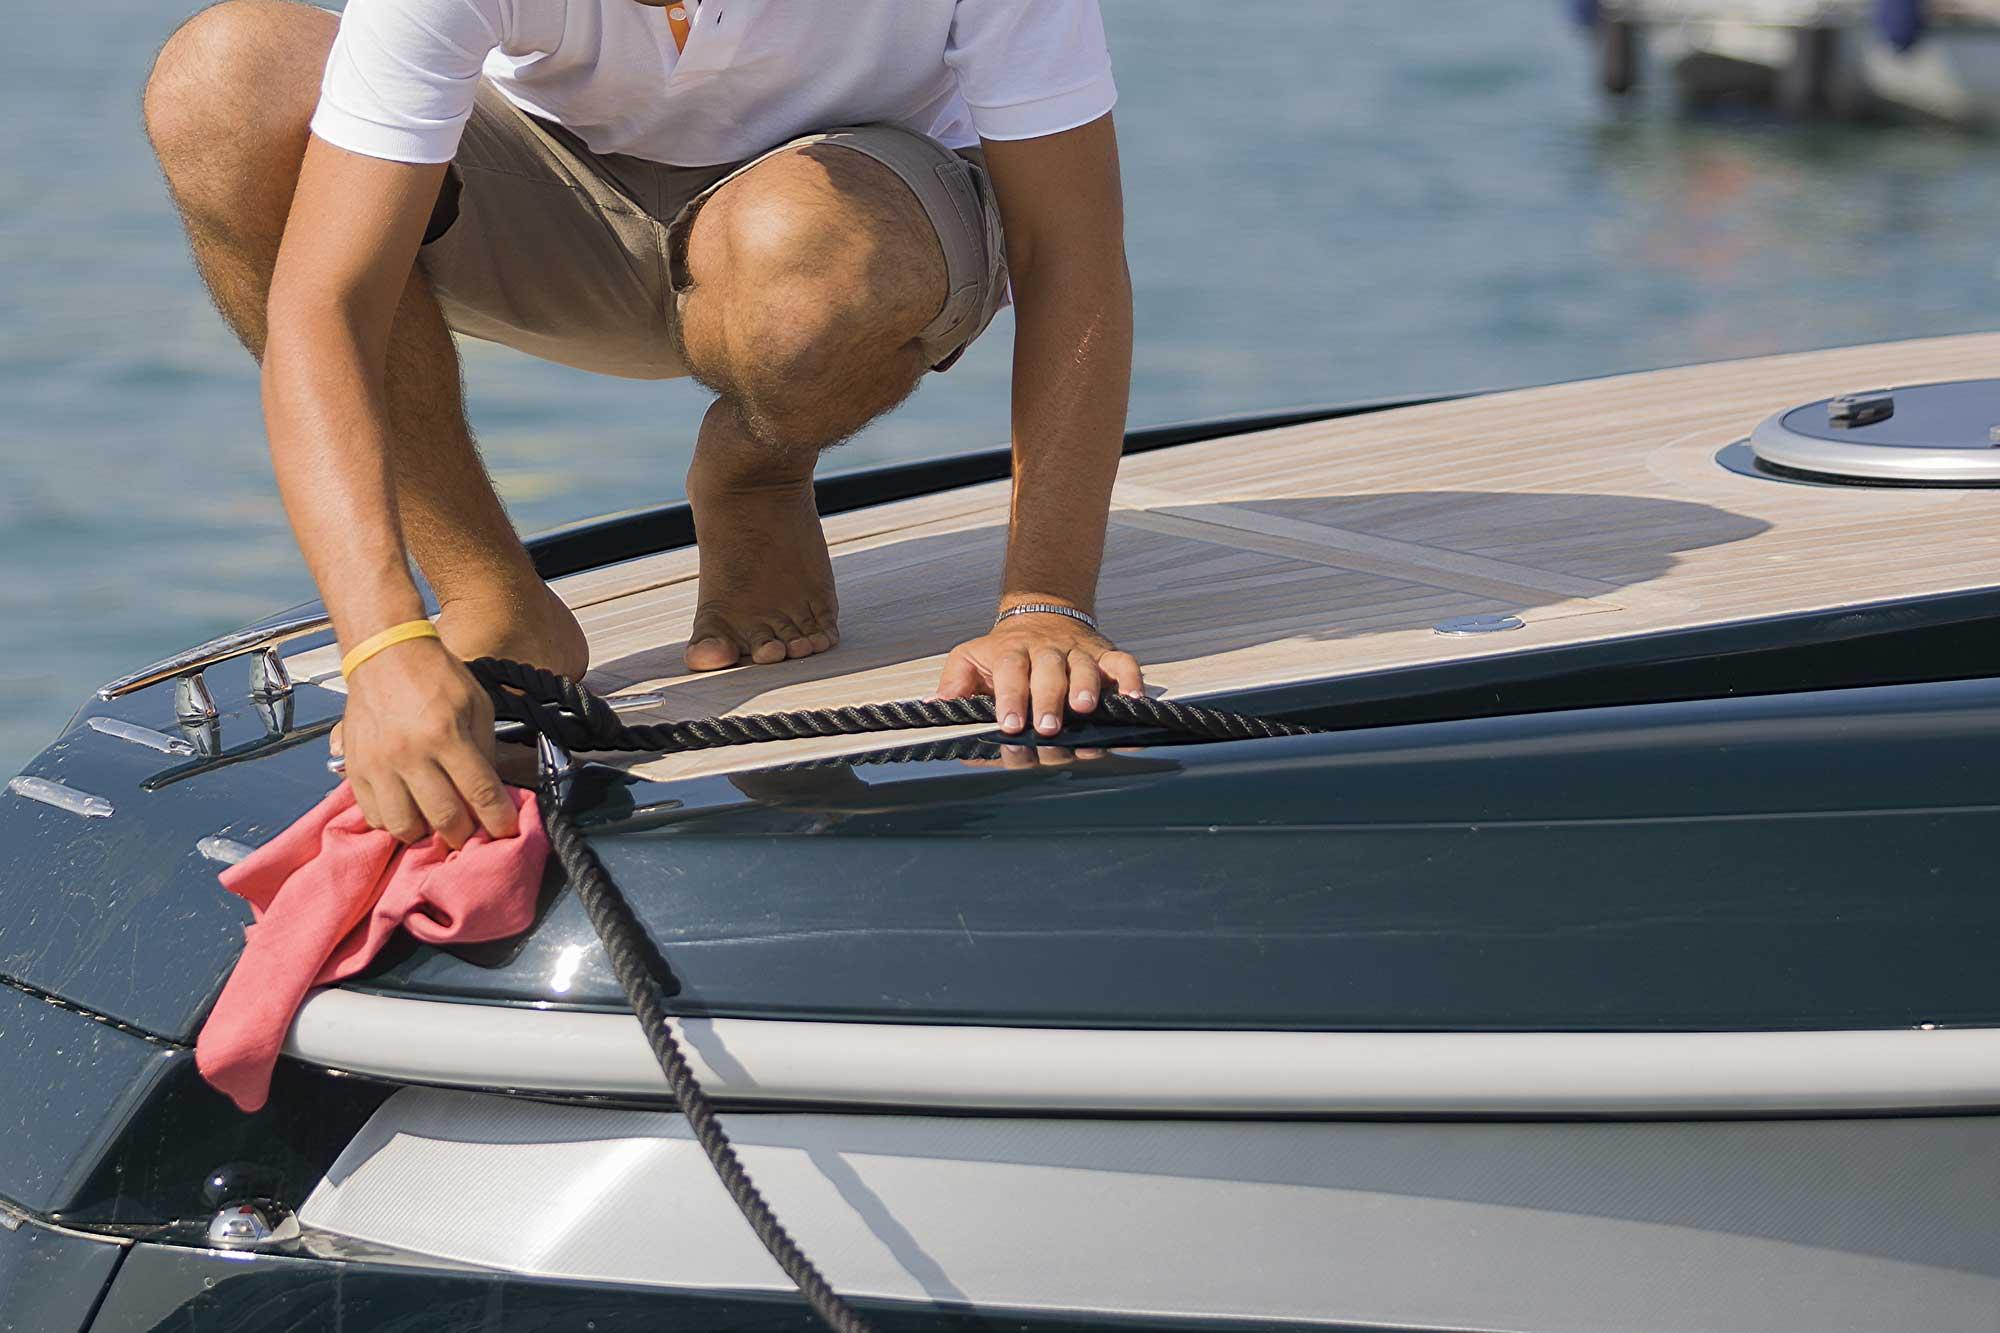 yacht wash